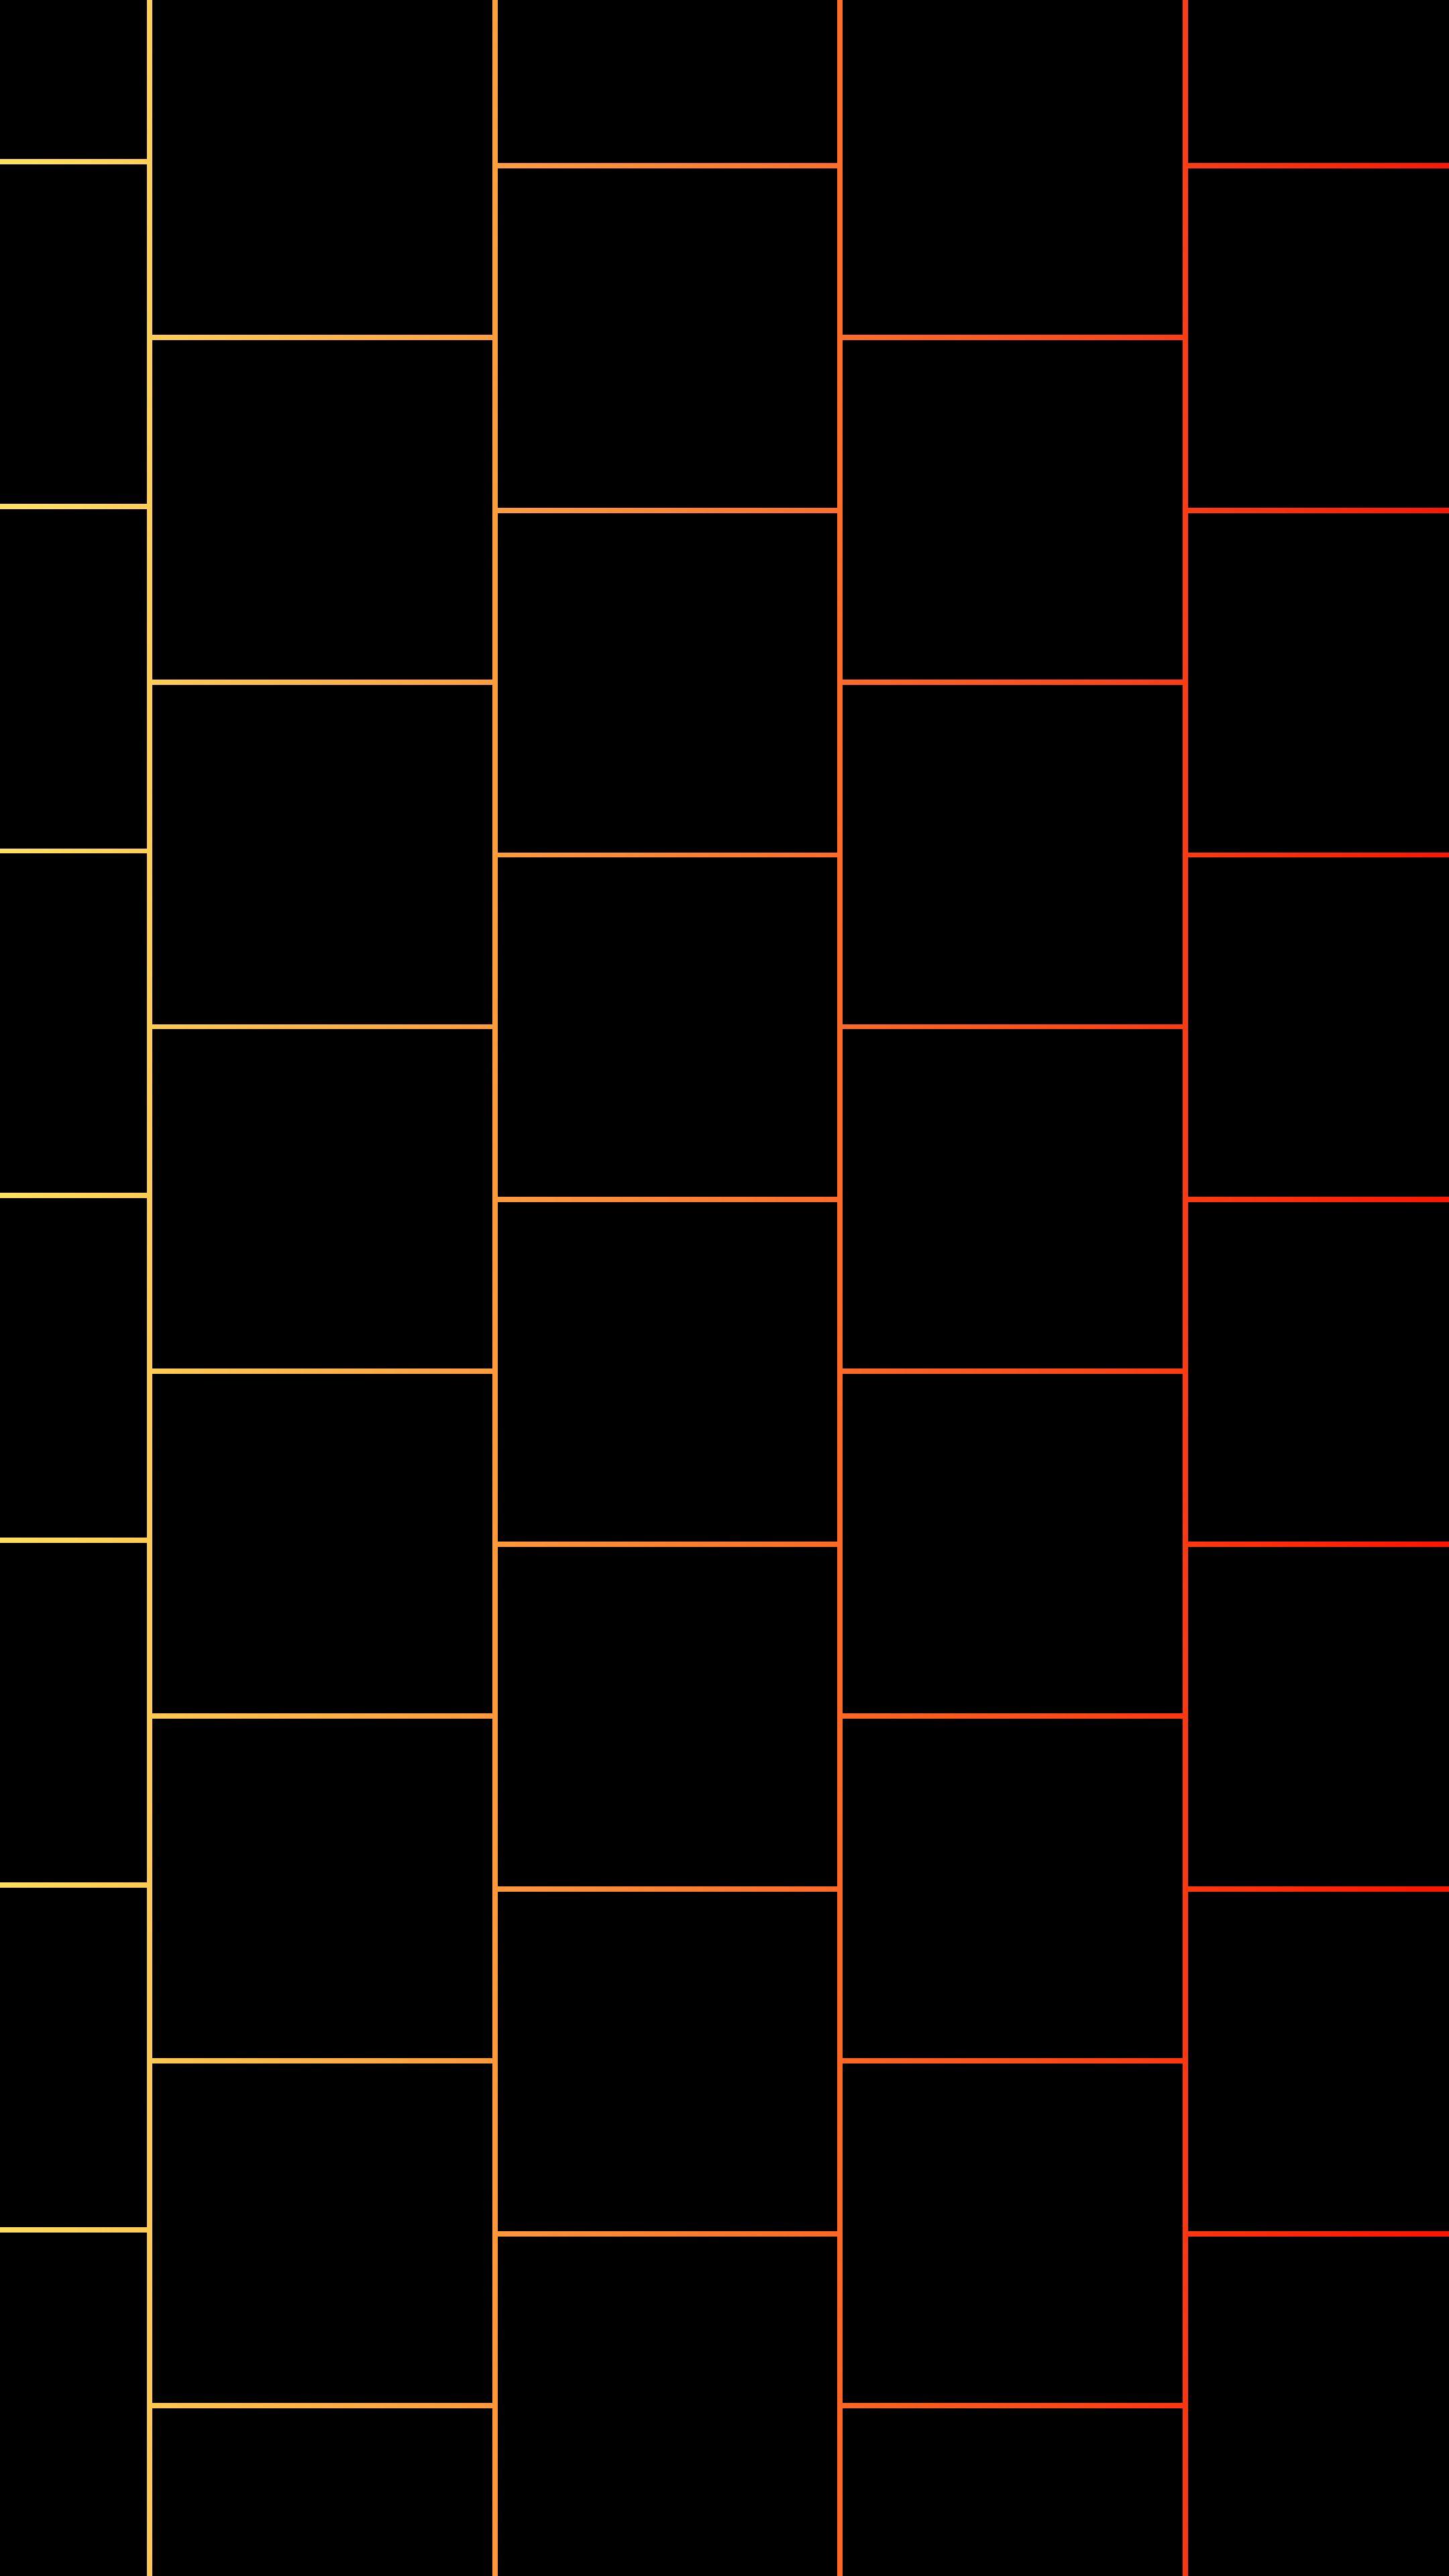 70634壁紙のダウンロードテクスチャ, テクスチャー, キューバ, 線, 台詞, 背景, 闇, 暗い, グロー, 匂う-スクリーンセーバーと写真を無料で